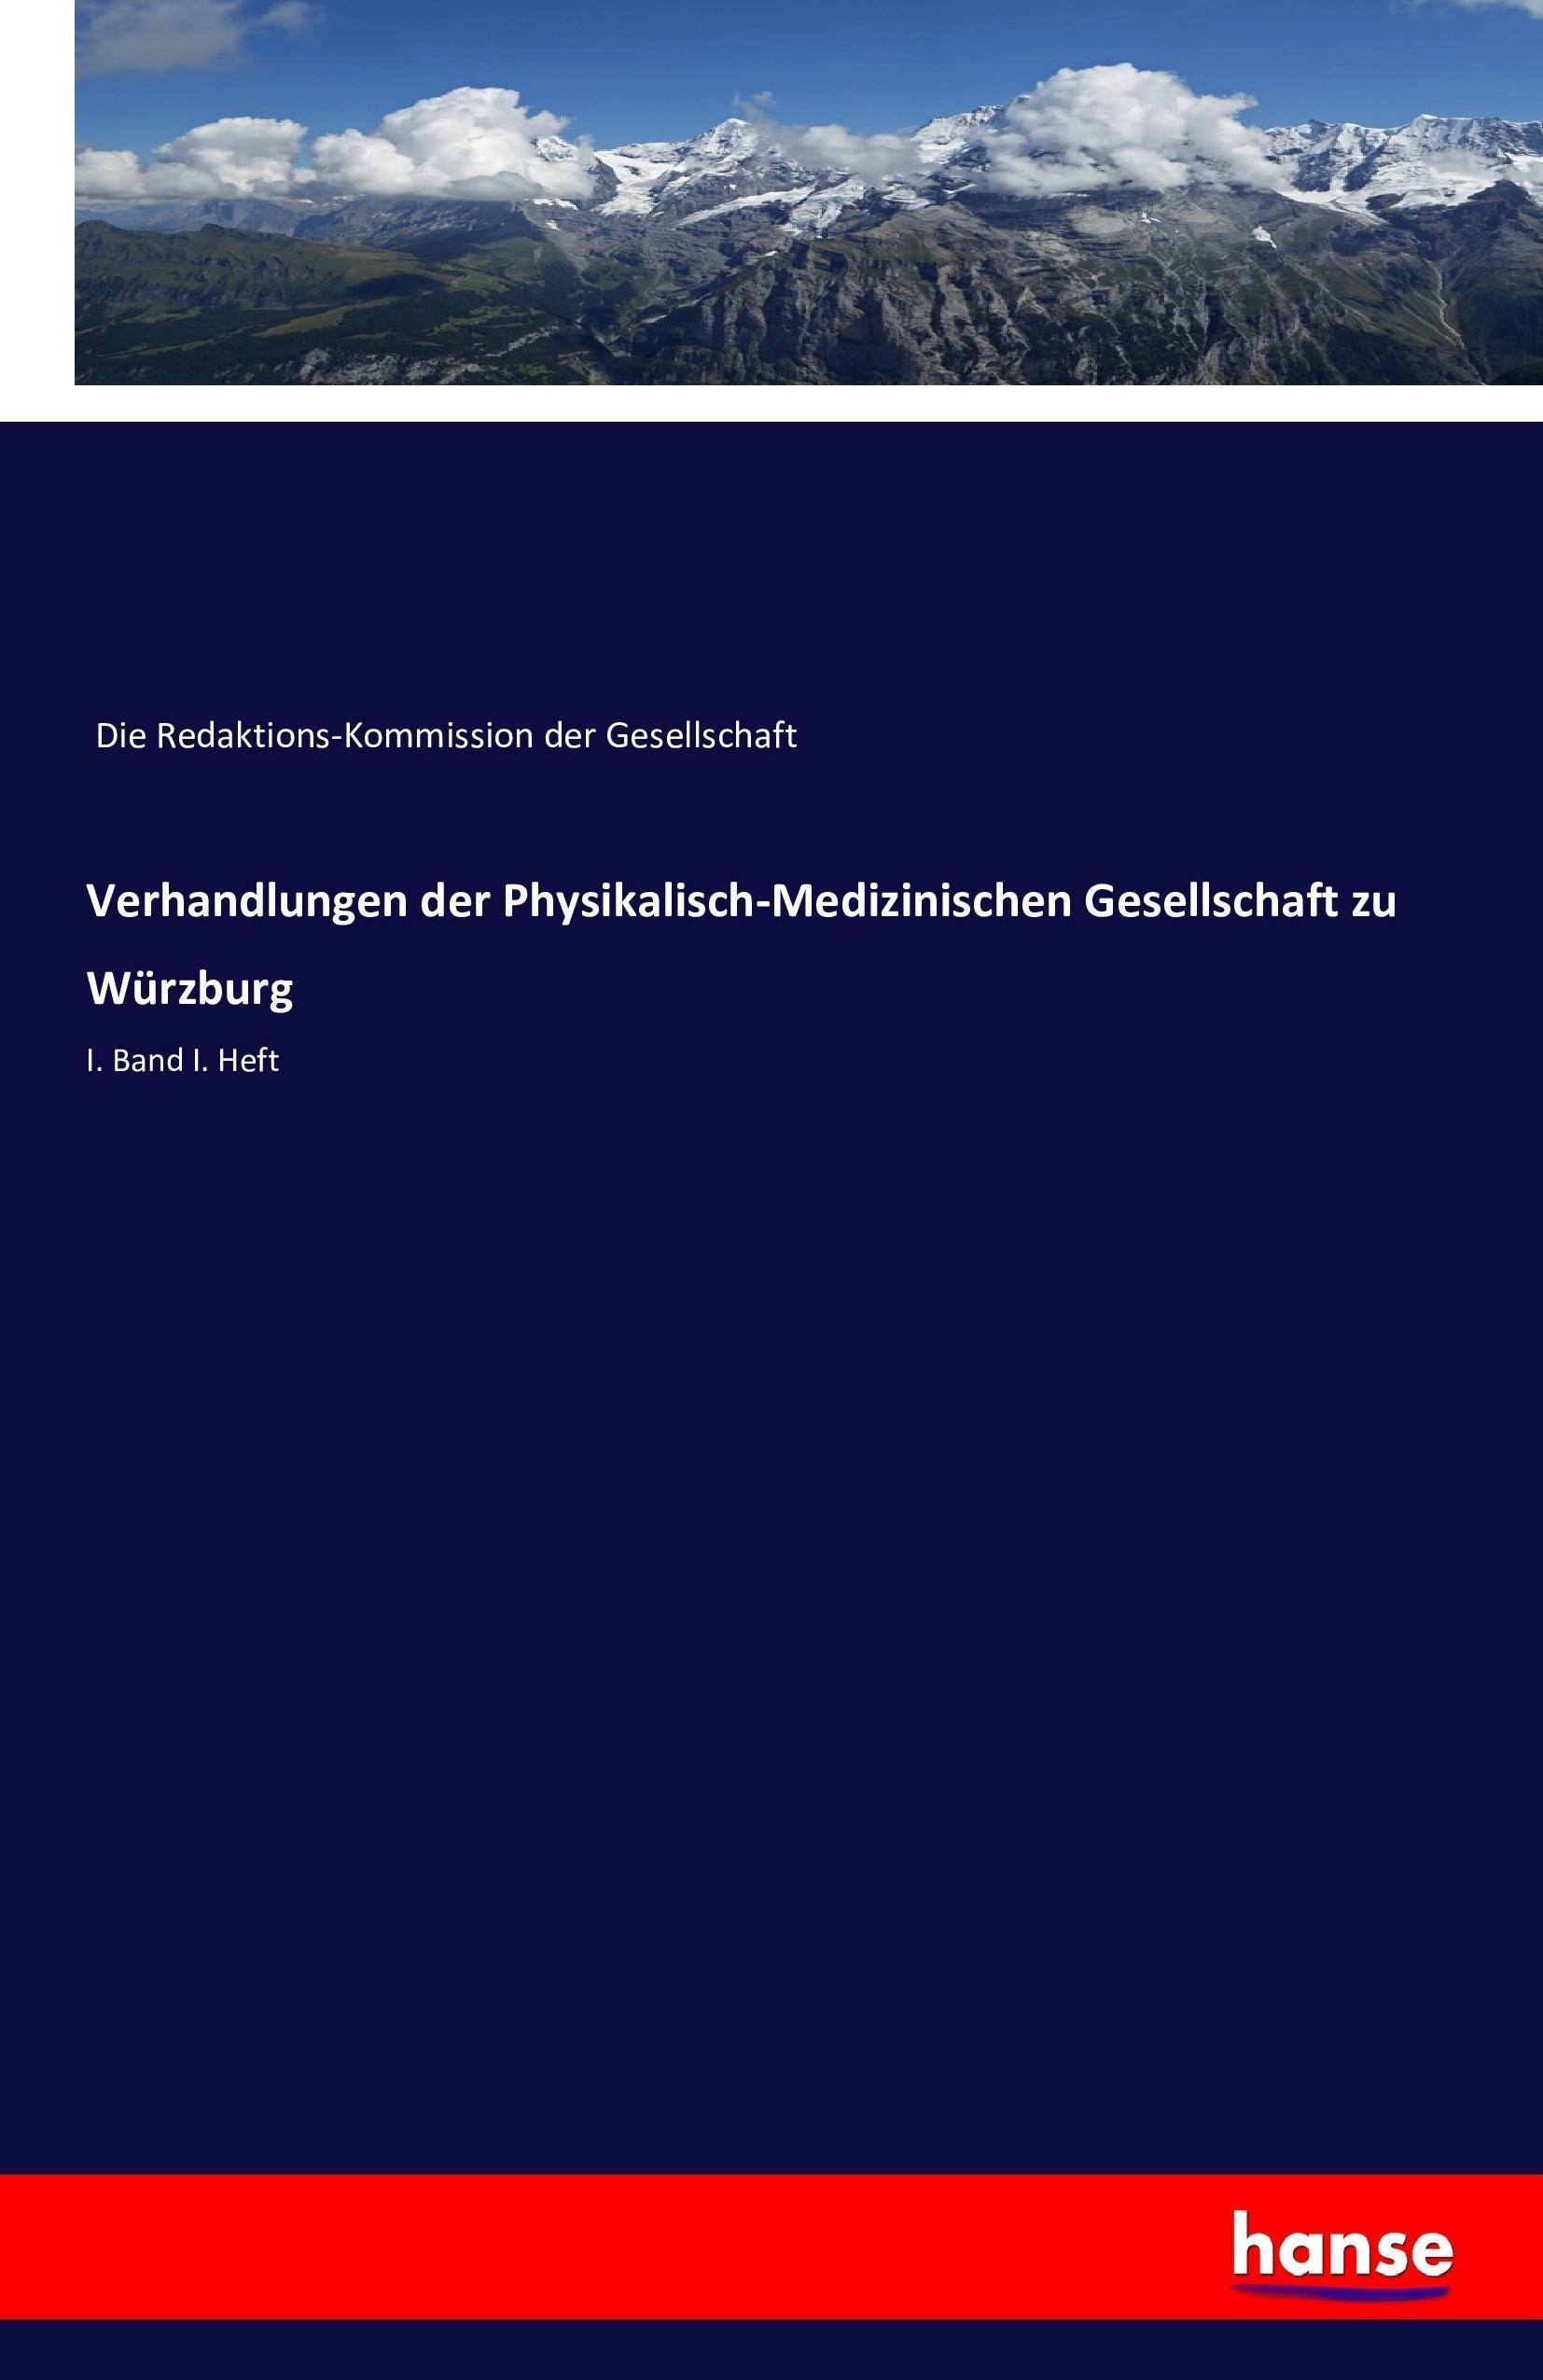 Verhandlungen der Physikalisch-Medizinischen Gesellschaft zu ... 9783742887221